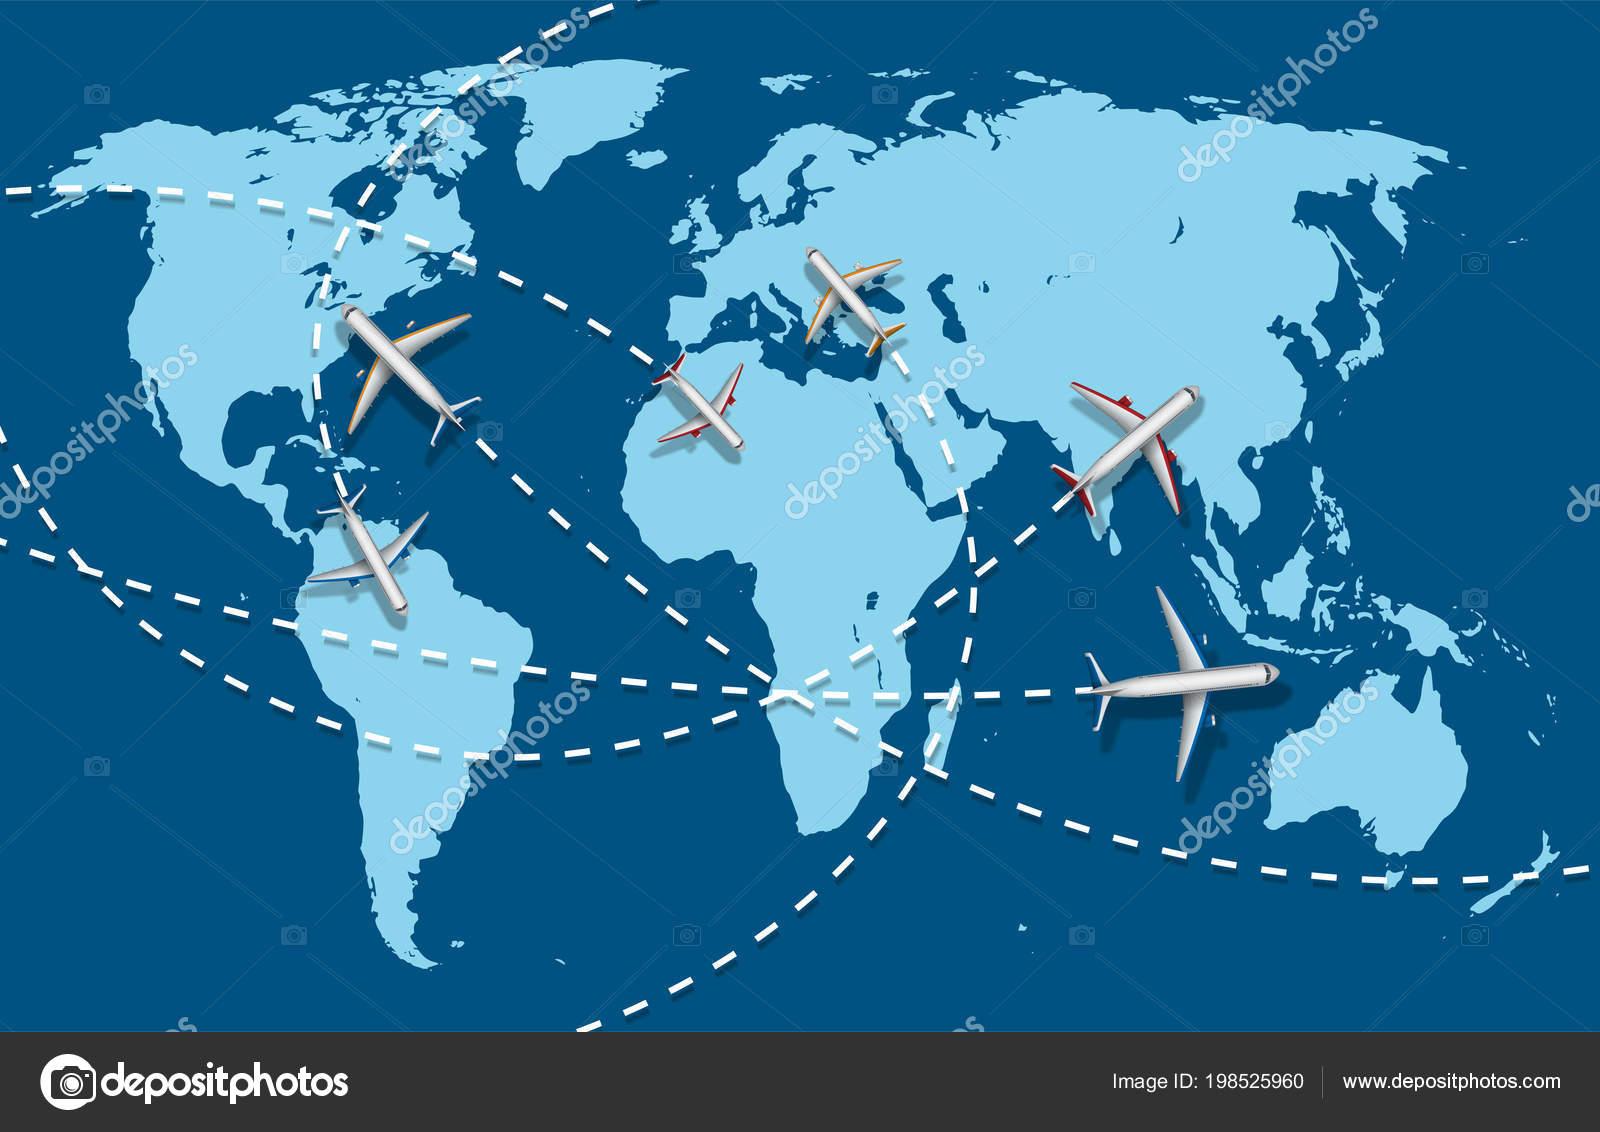 Bandera de viaje de negocios con avi n y mapa de fondo concepto de infograf a mundo destino - Banera de viaje ...